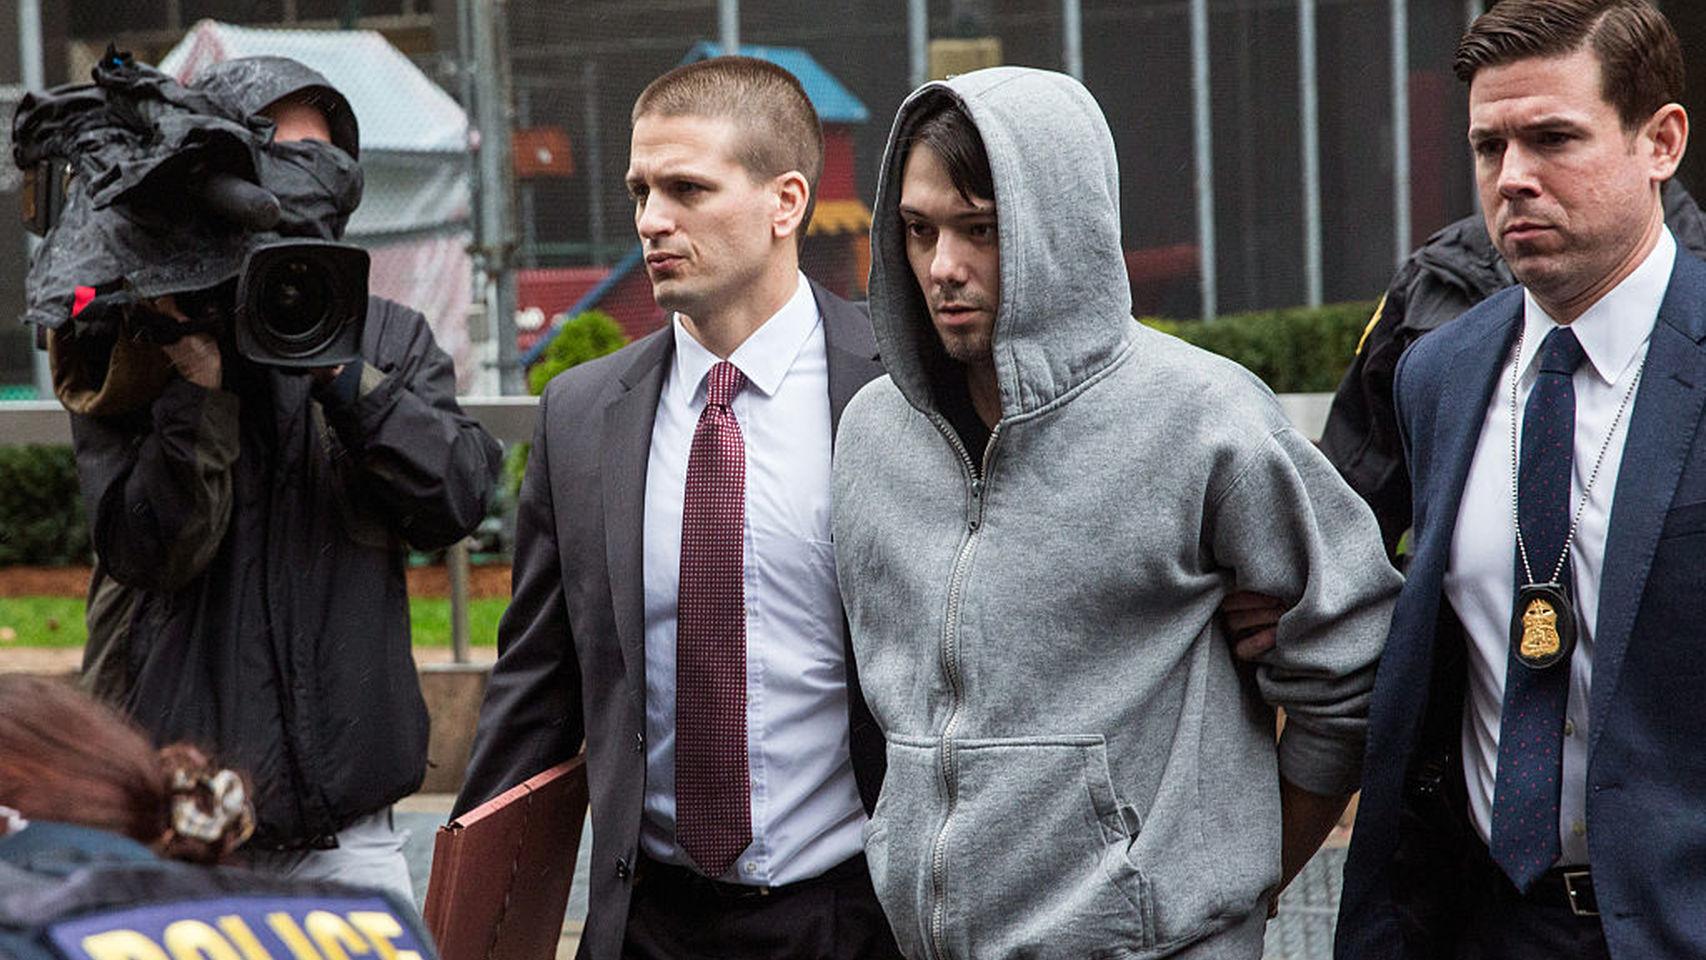 La sudadera con capucha de Shkreli en el momento de su detención se hizo mítica.